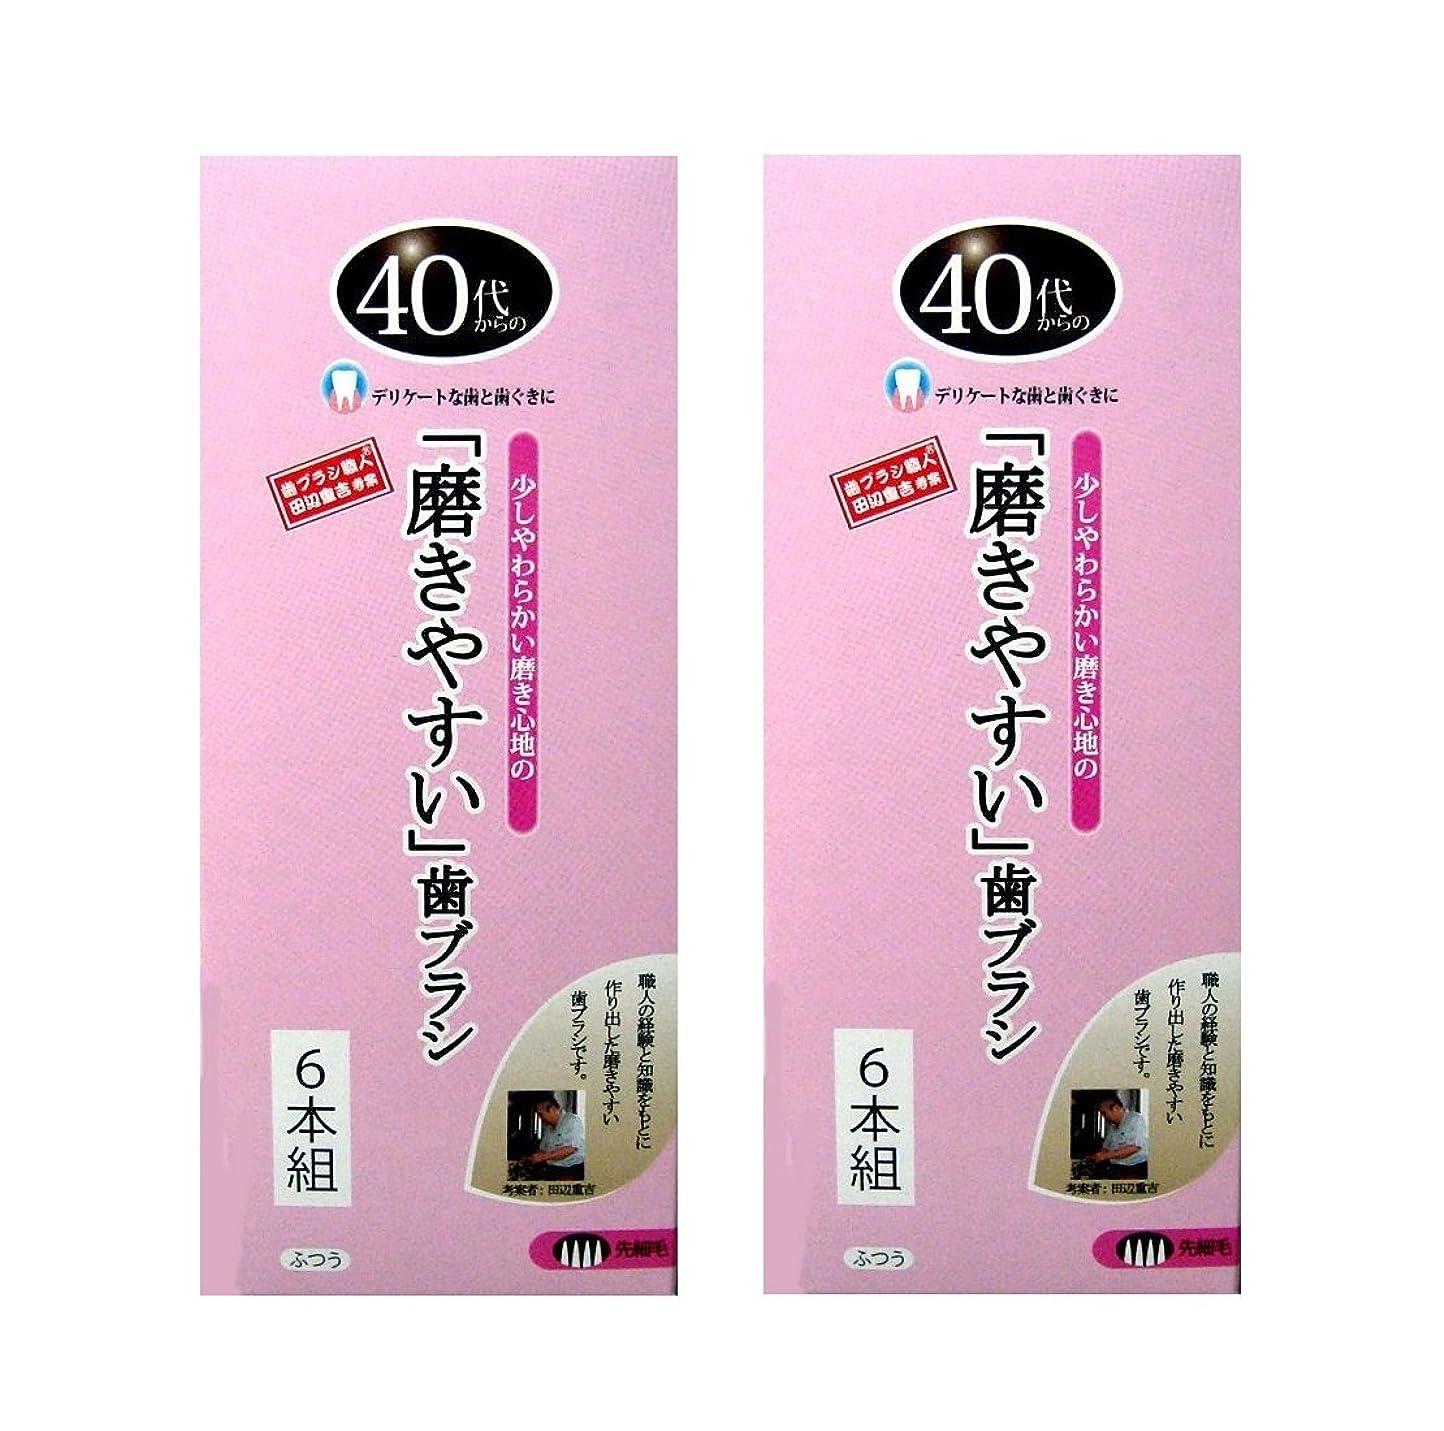 よりジュラシックパーク生活歯ブラシ職人 田辺重吉考案 40代からの磨きやすい歯ブラシ 先細 6本組×2個セット